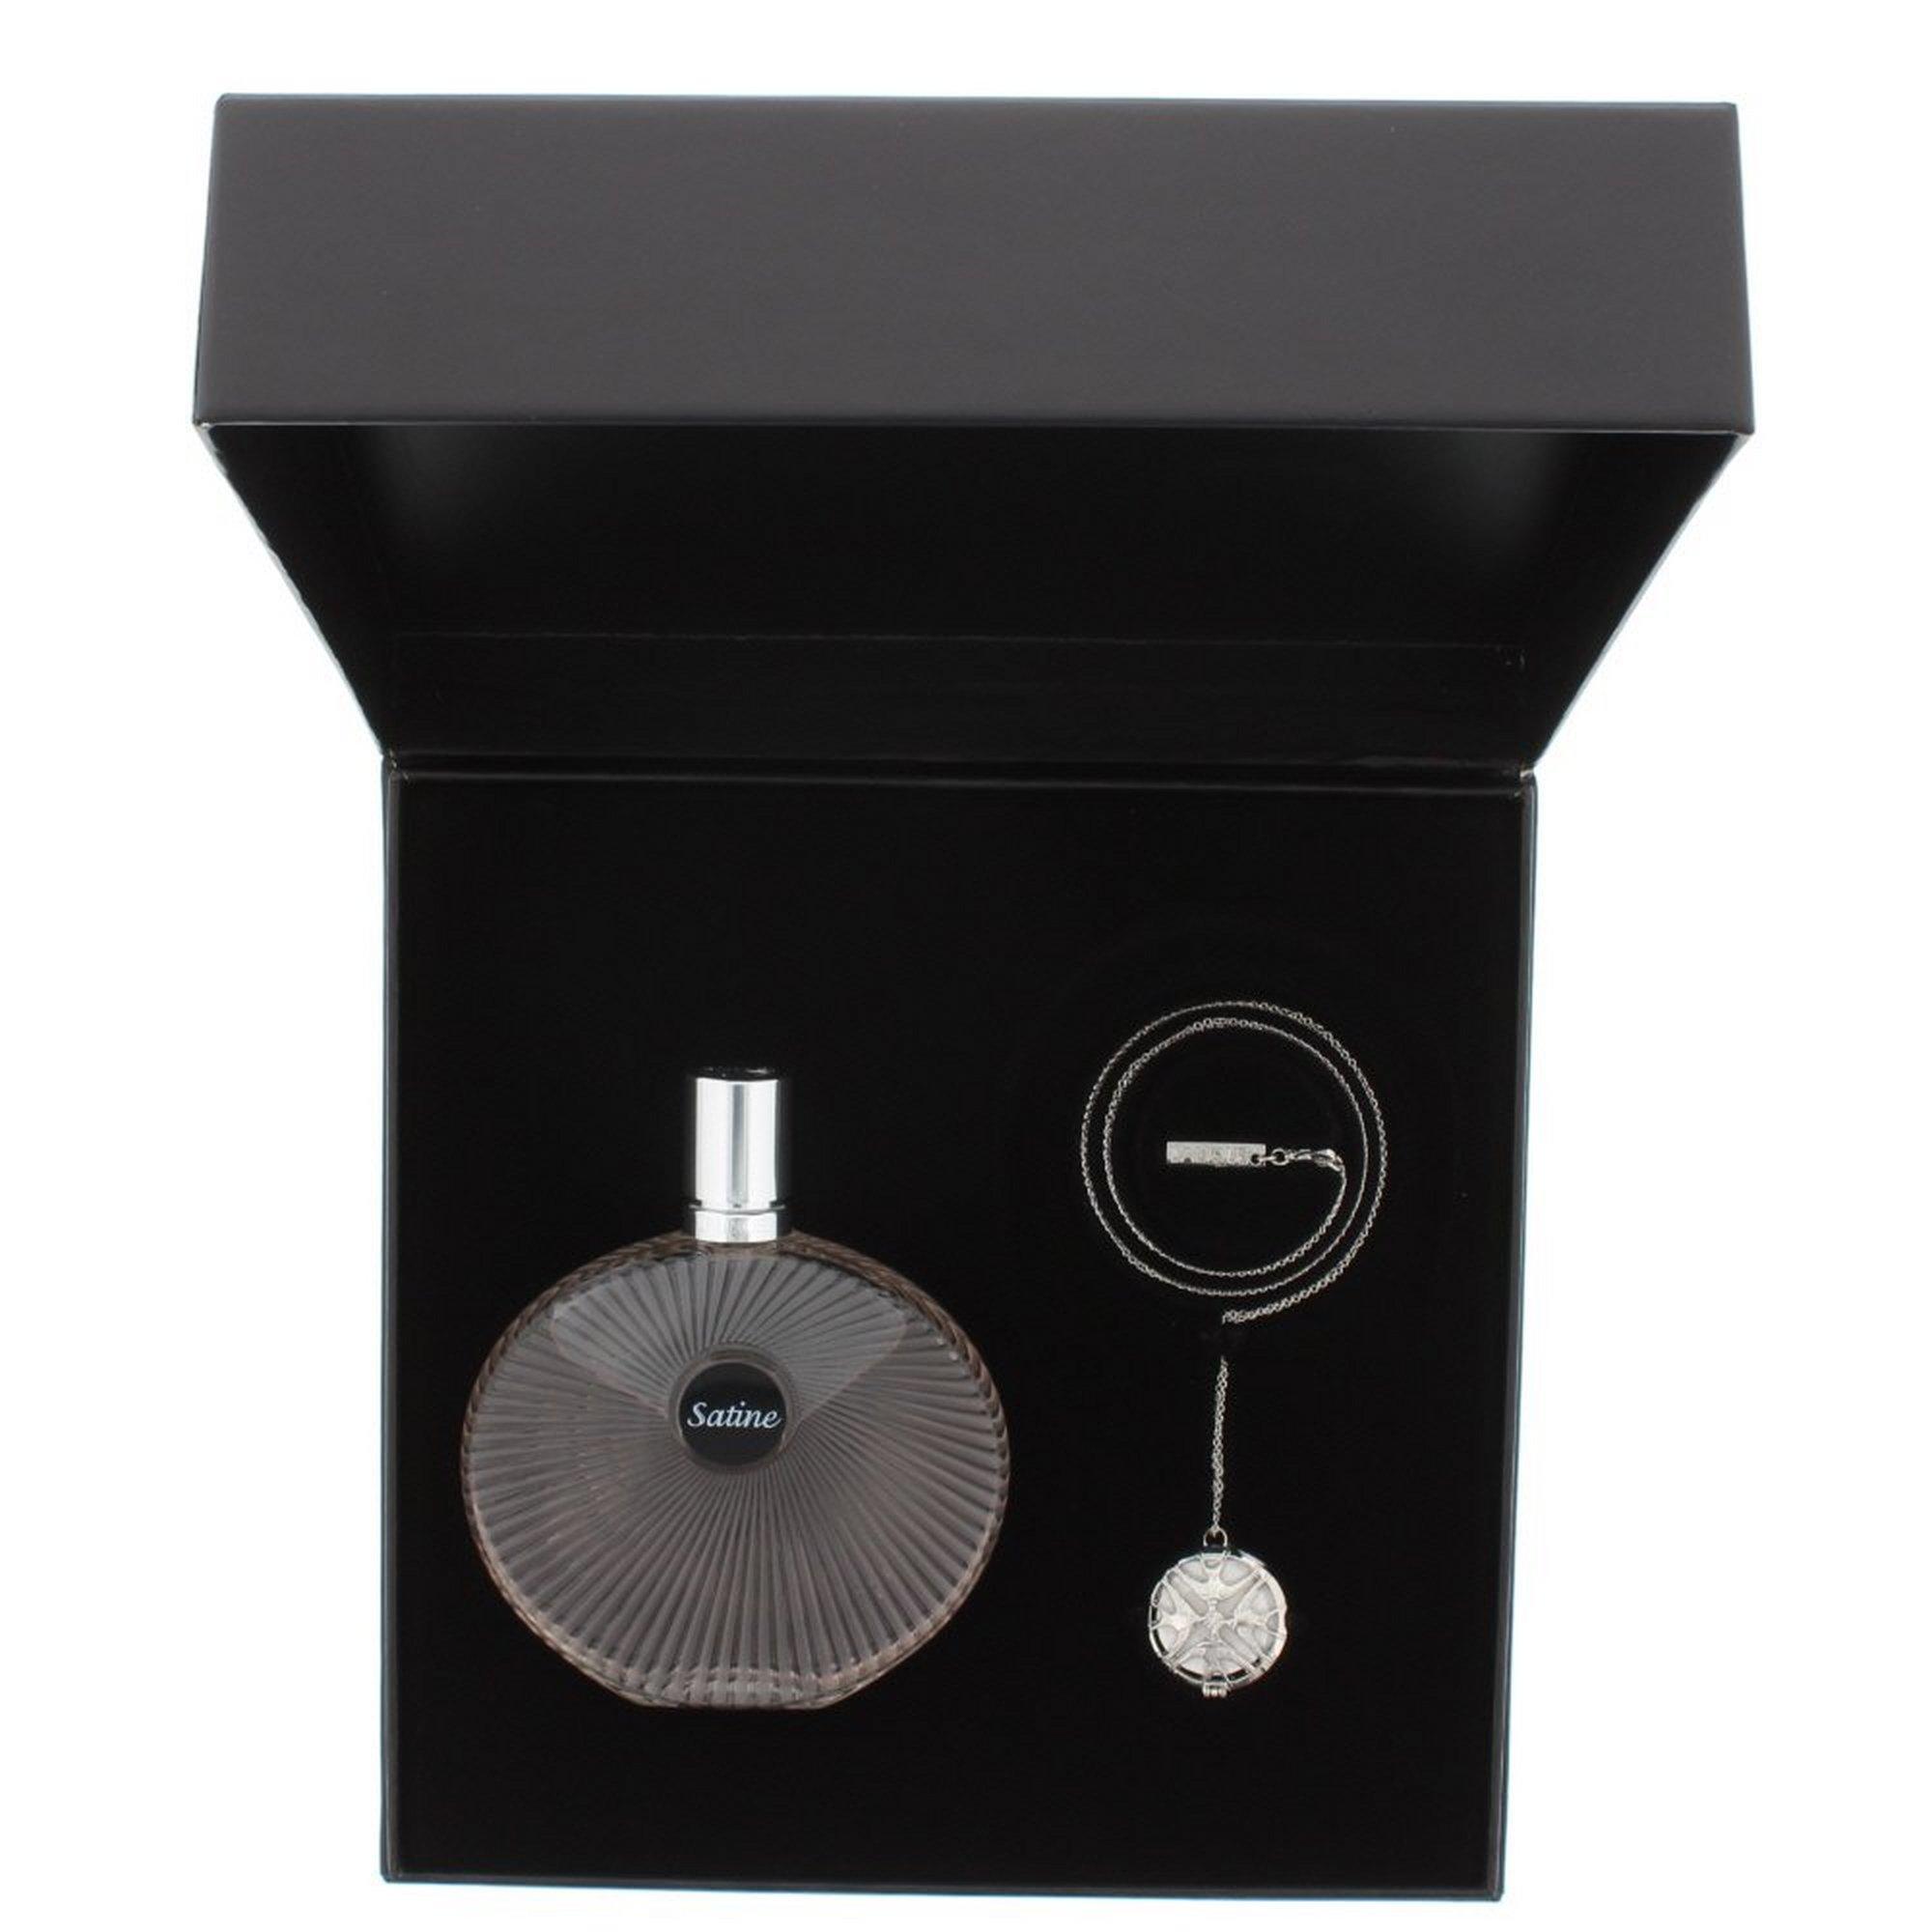 Image of Lalique Satine 100ml EDP Gift Set